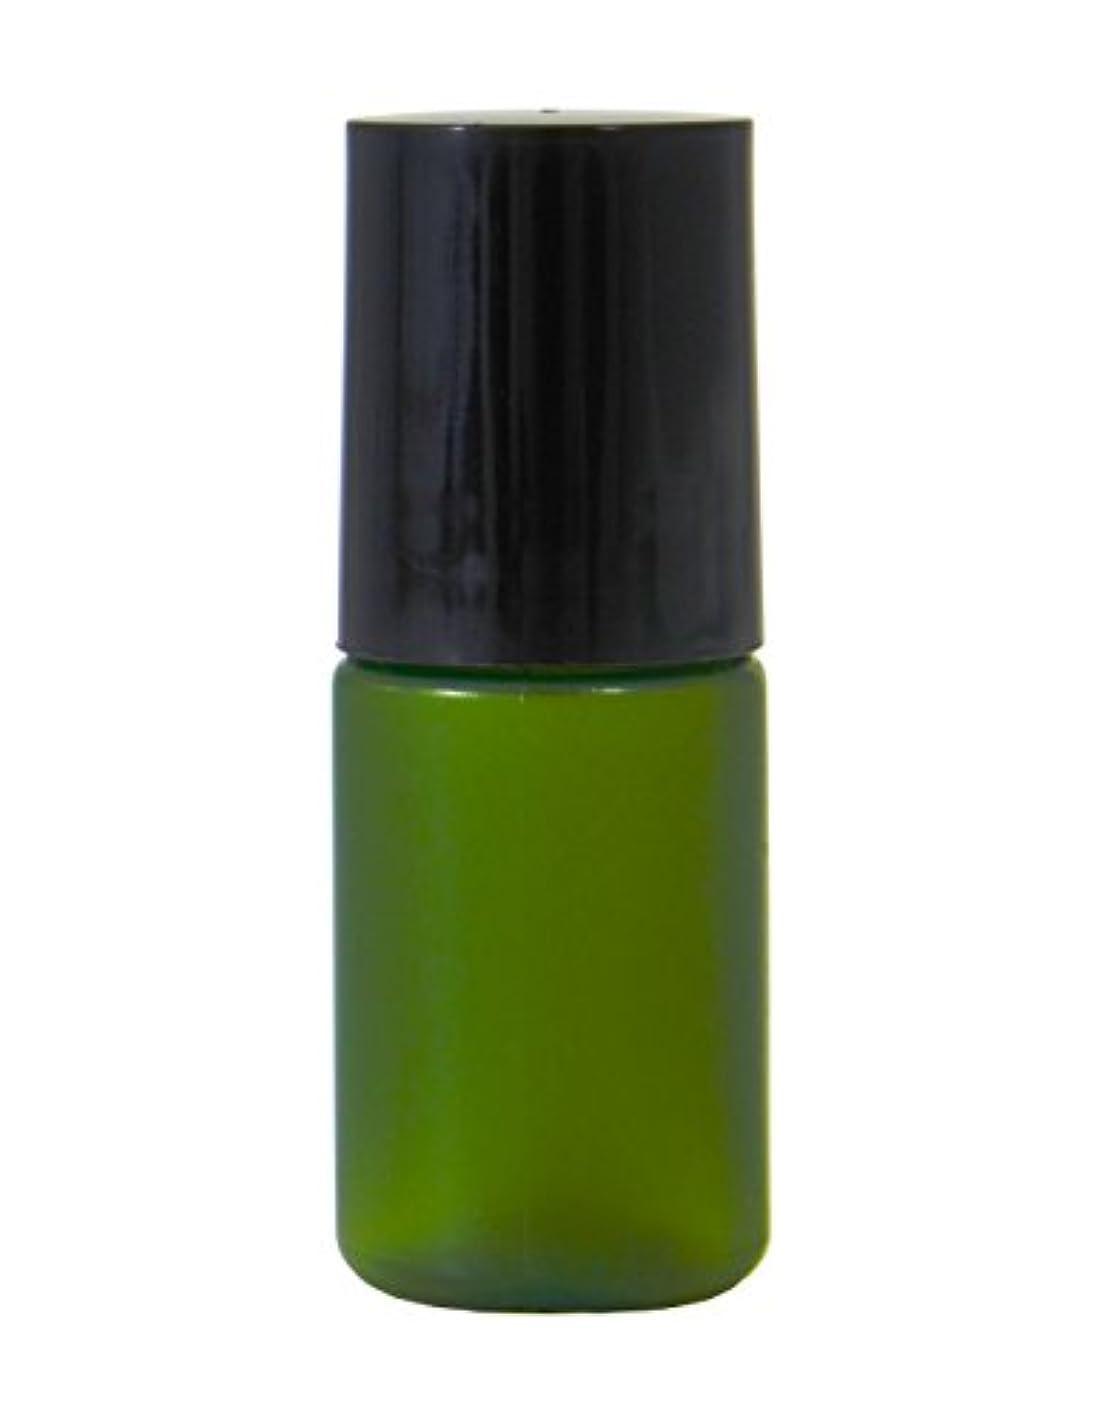 十分な三番柔和ミニボトル容器 5ml グリーン (100個セット) 【化粧品容器】